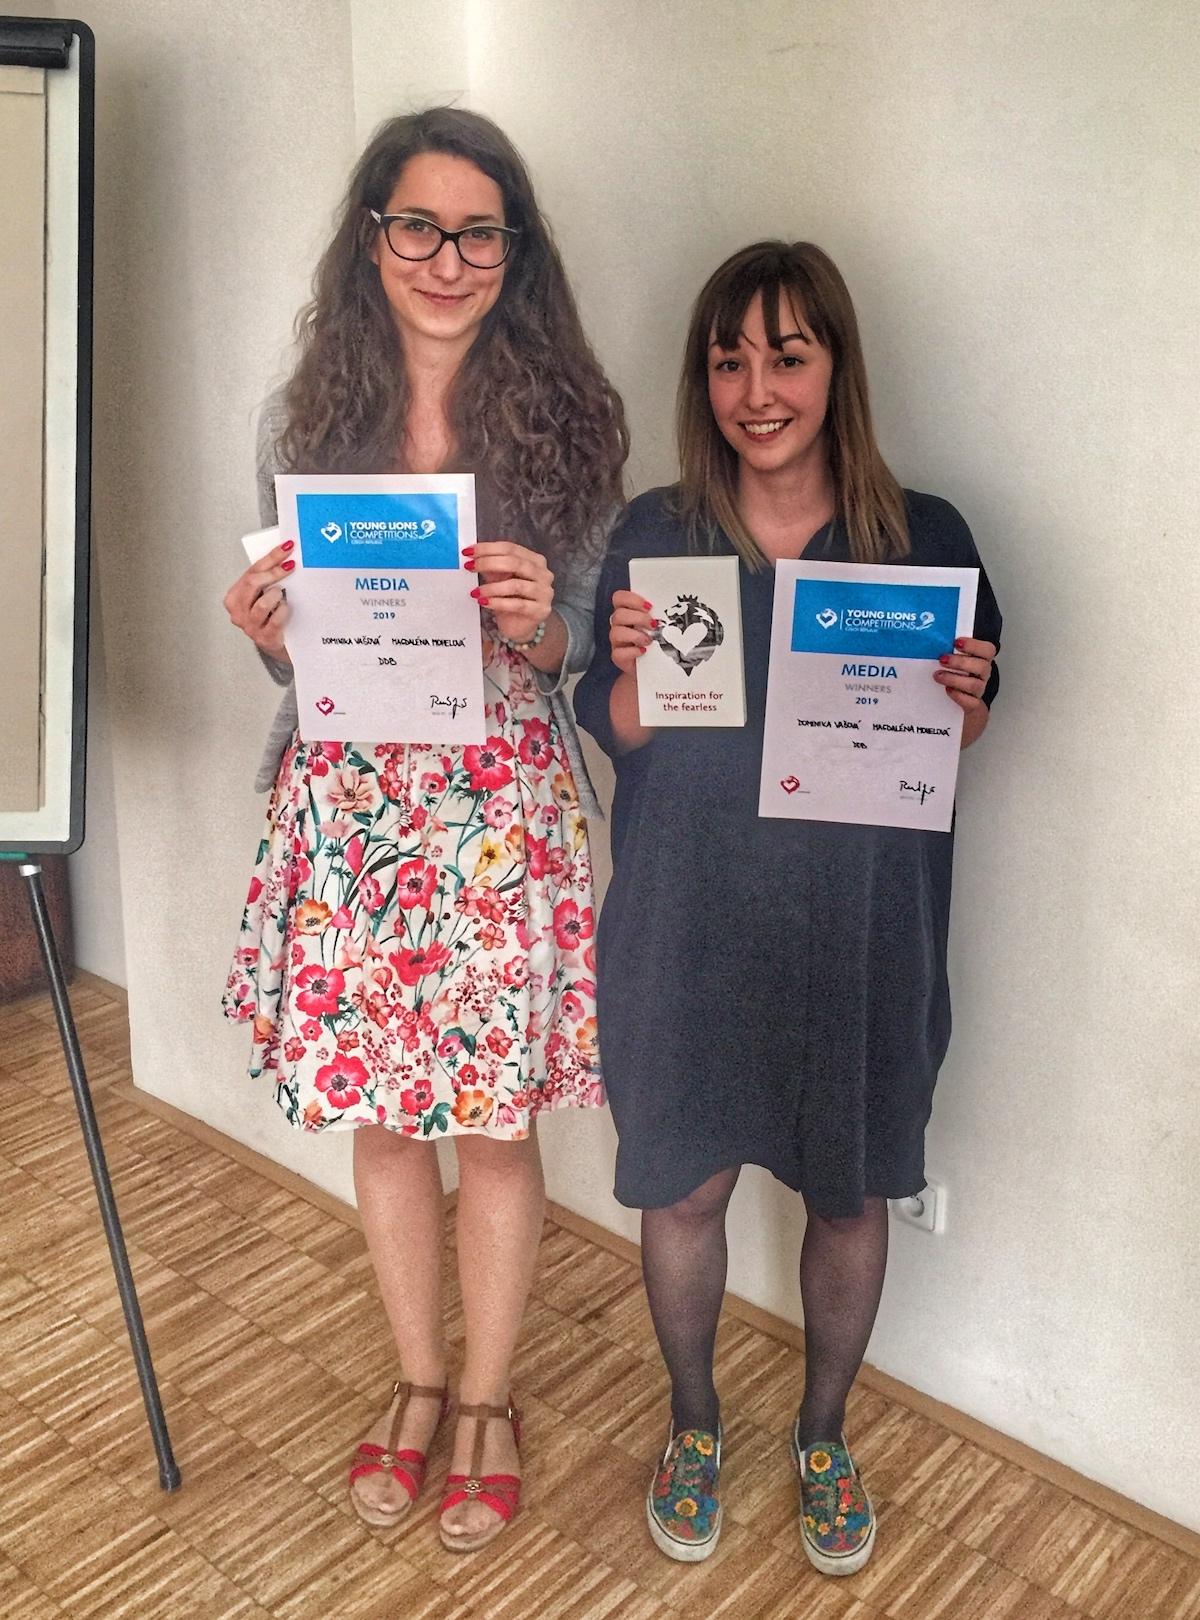 Vítězky Dominika Vašová a Magdaléna Mohelová z DDB